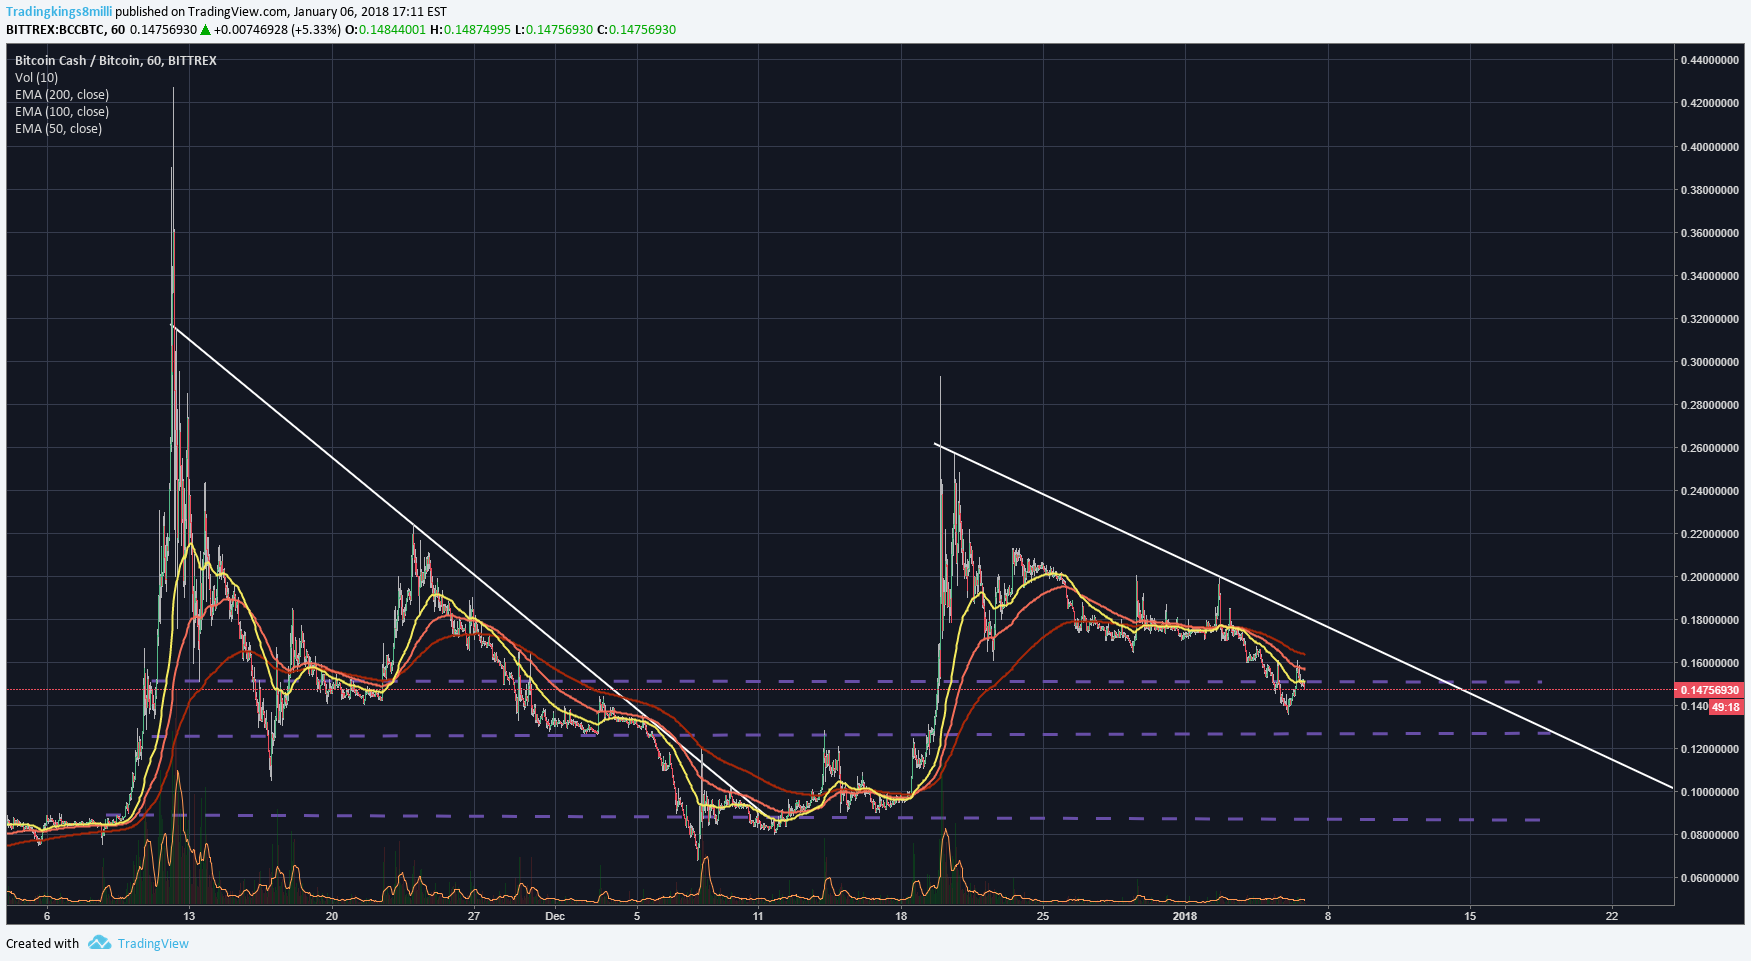 bcc btc tradingview